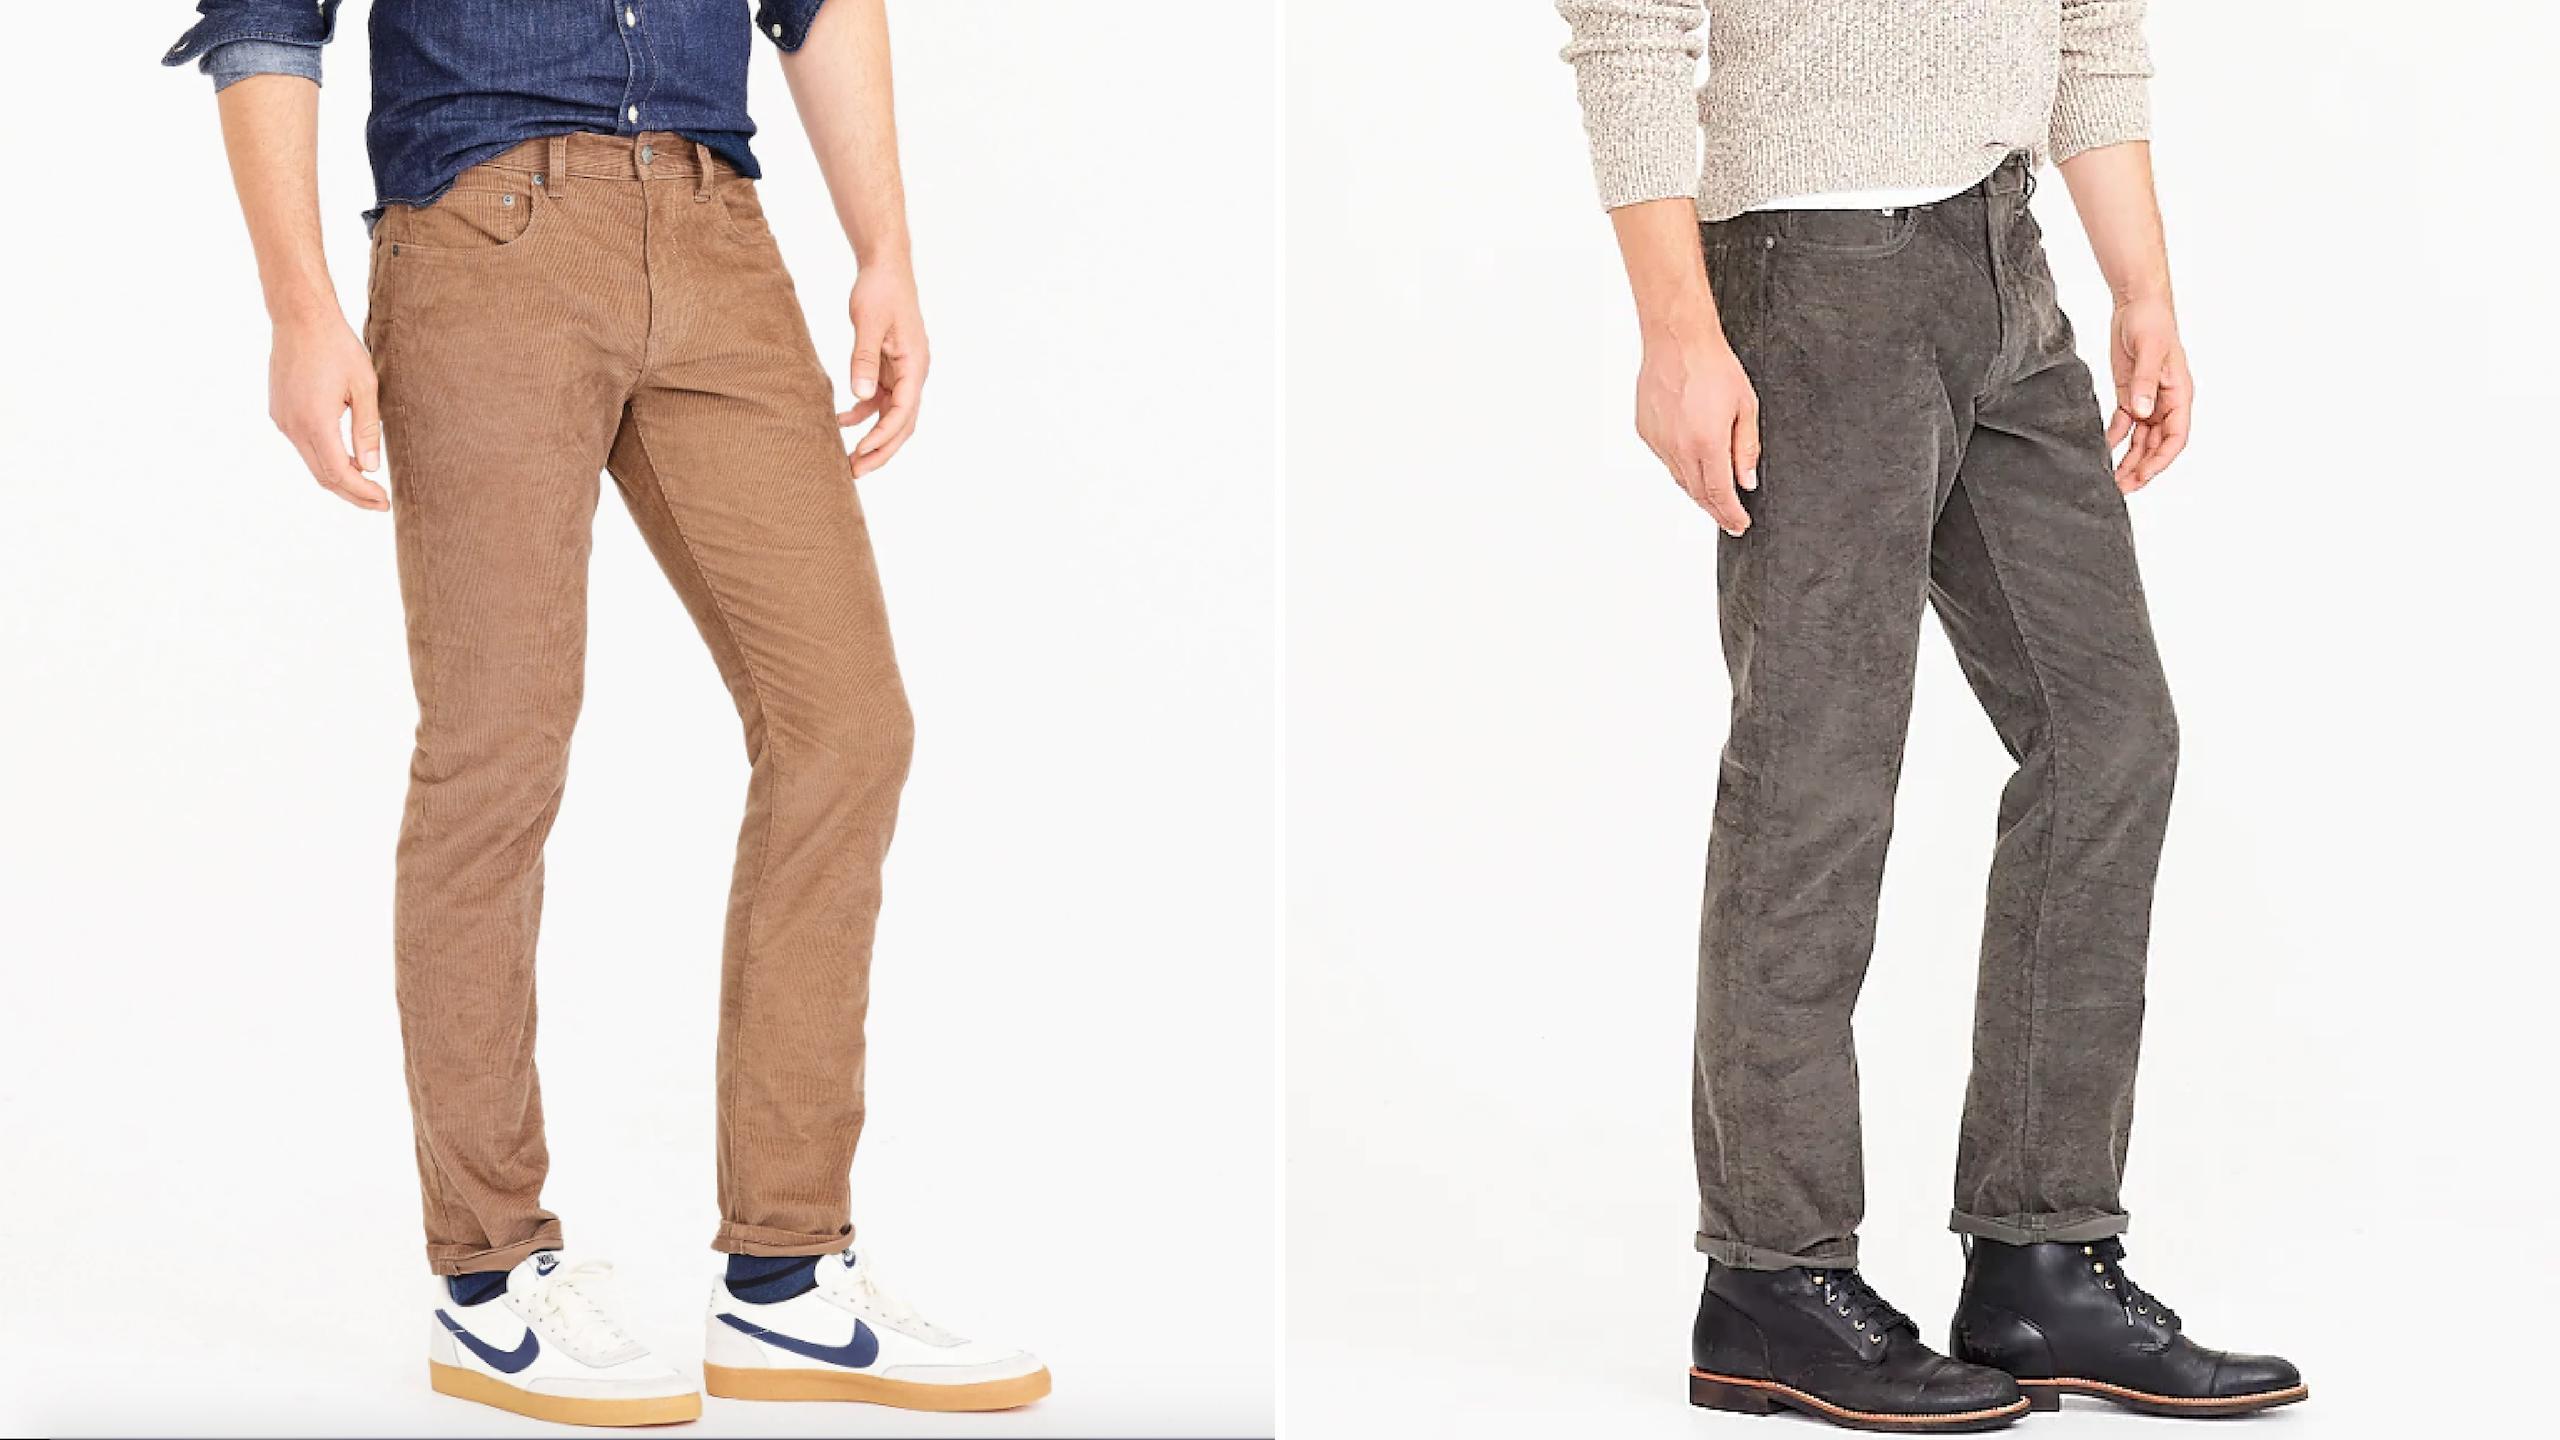 how to wear corduroy pants like jeans